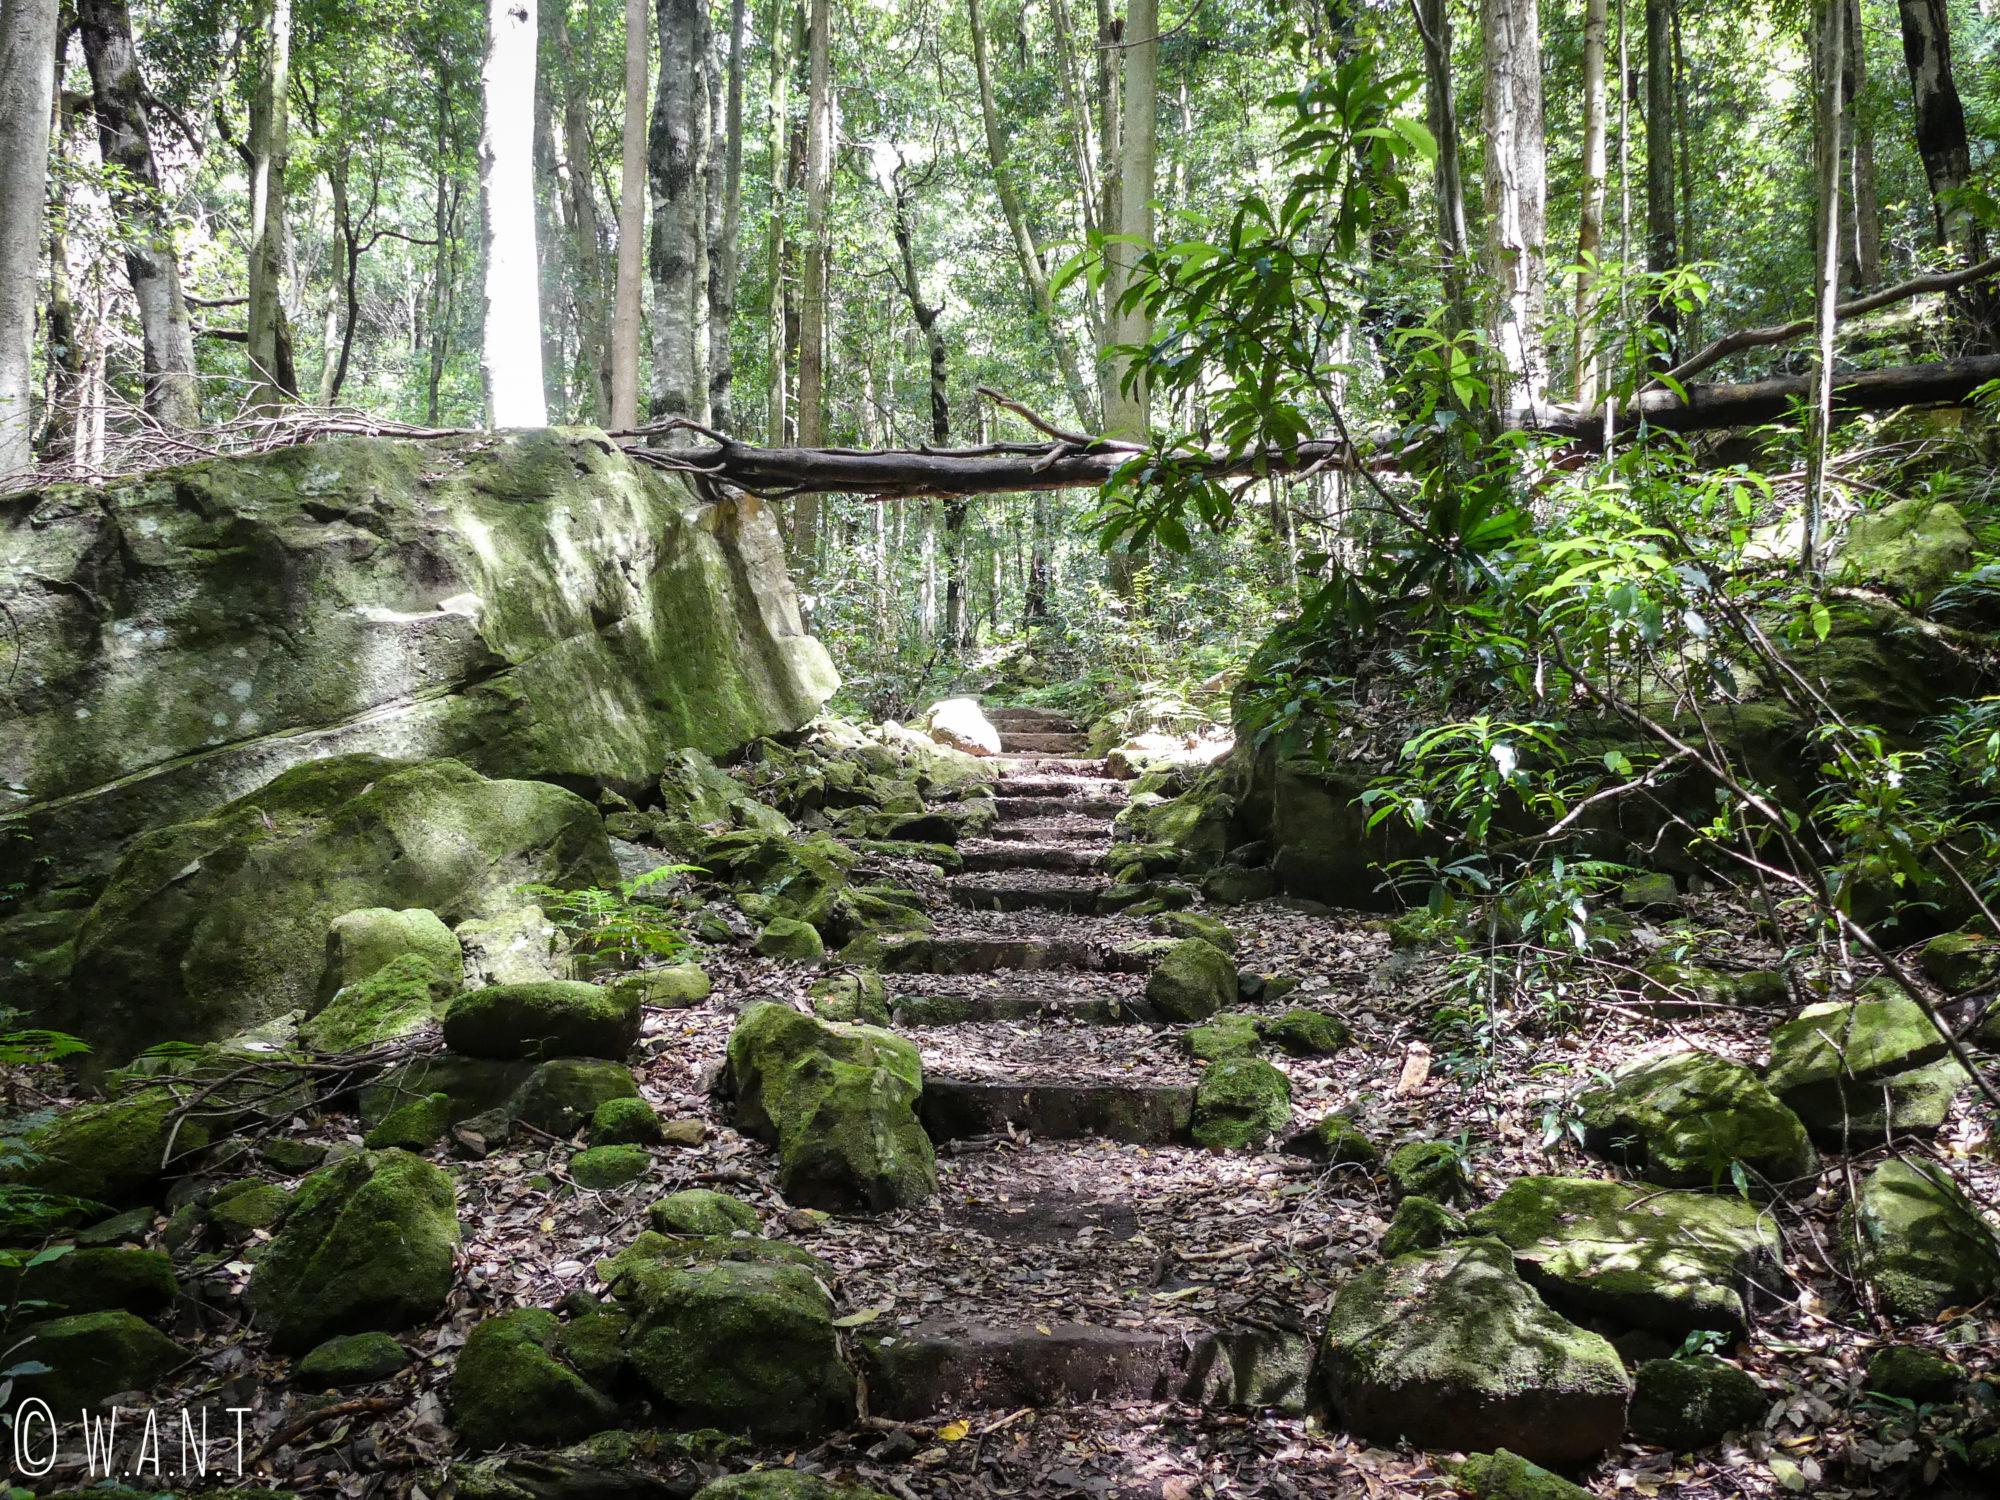 La nature omniprésente sur les chemins de randonnée du Parc National des Blue Mountains